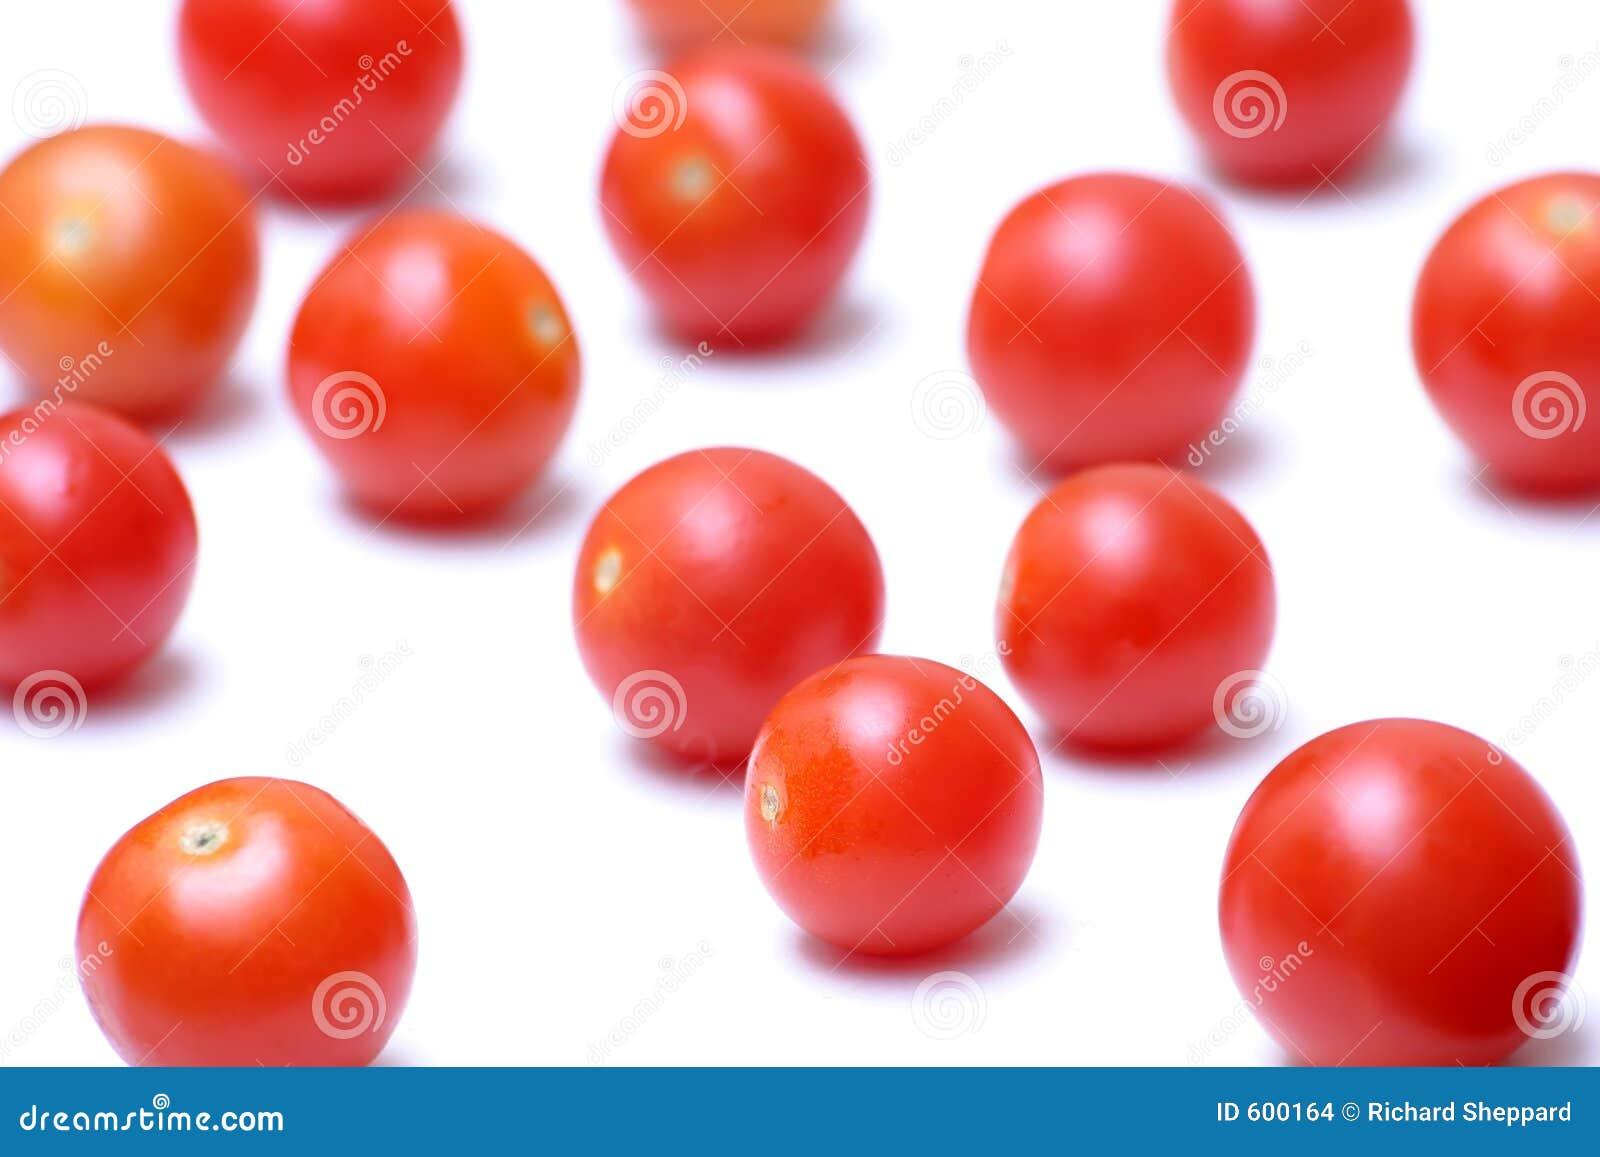 De tomaten van de kers